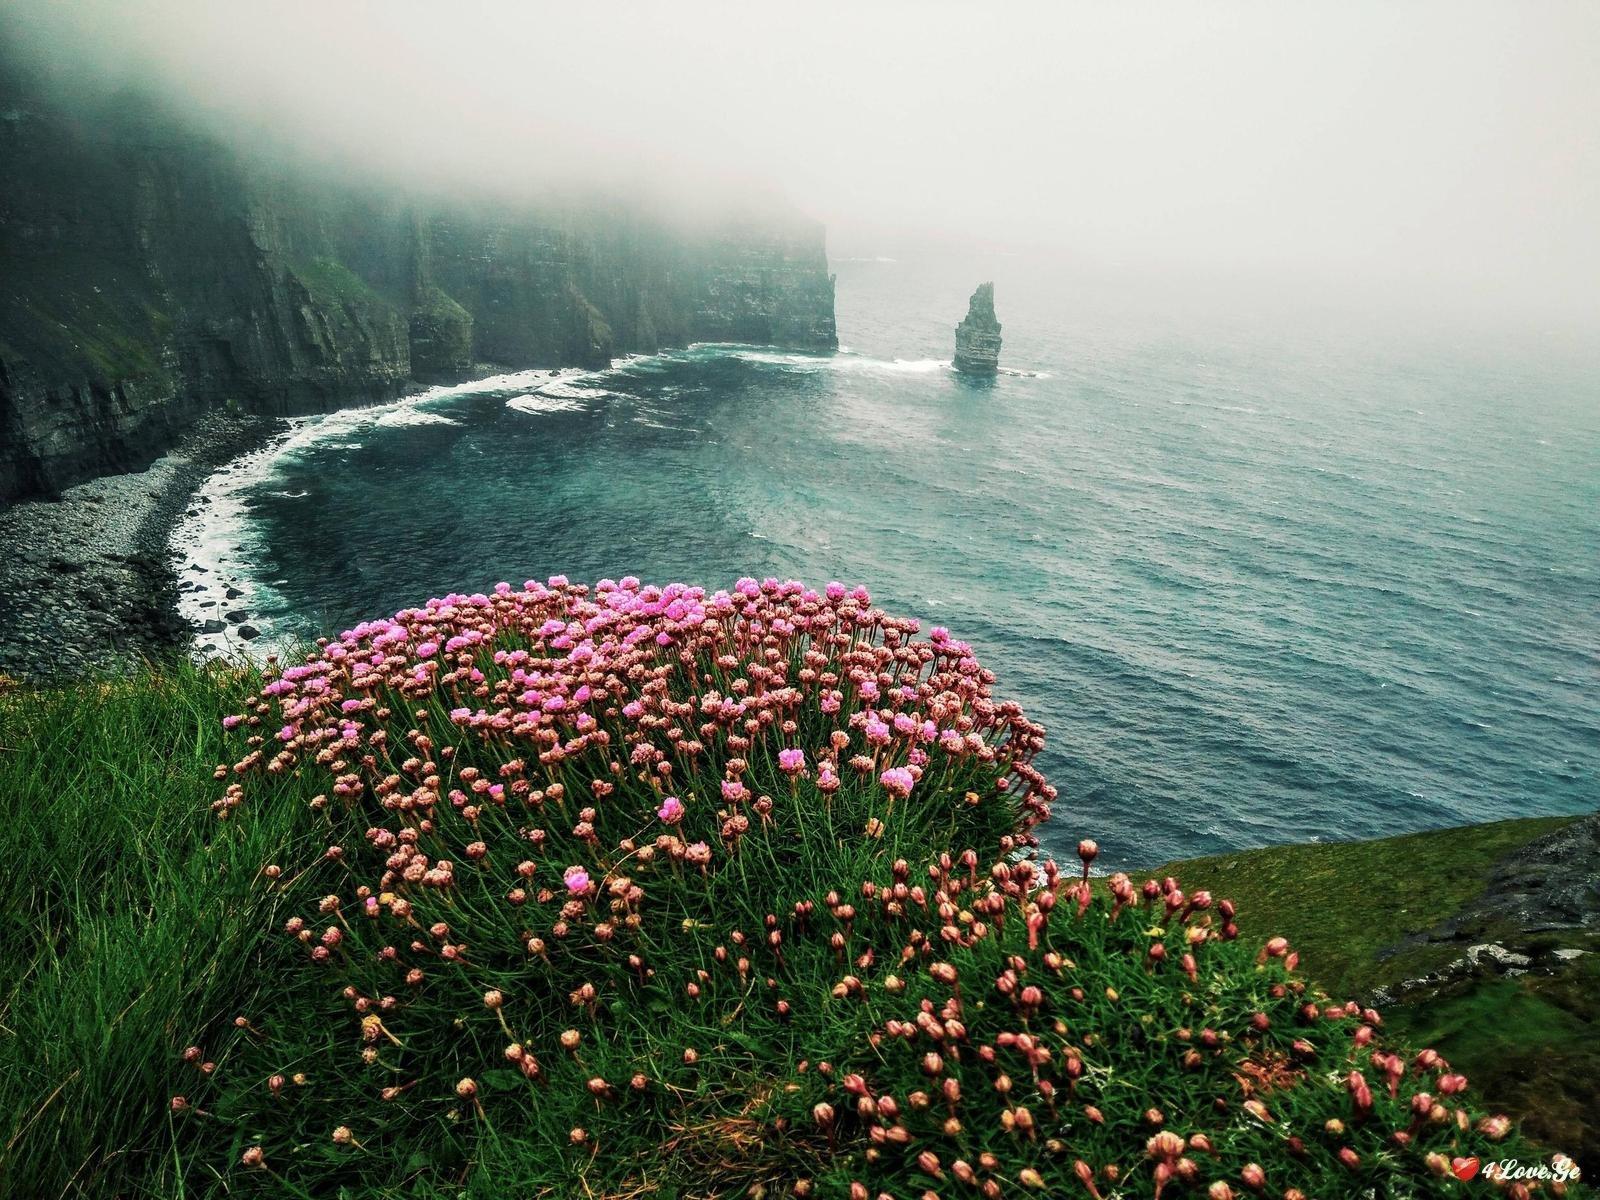 ღვთაება ირლანდიიდან (ნაწილი2)